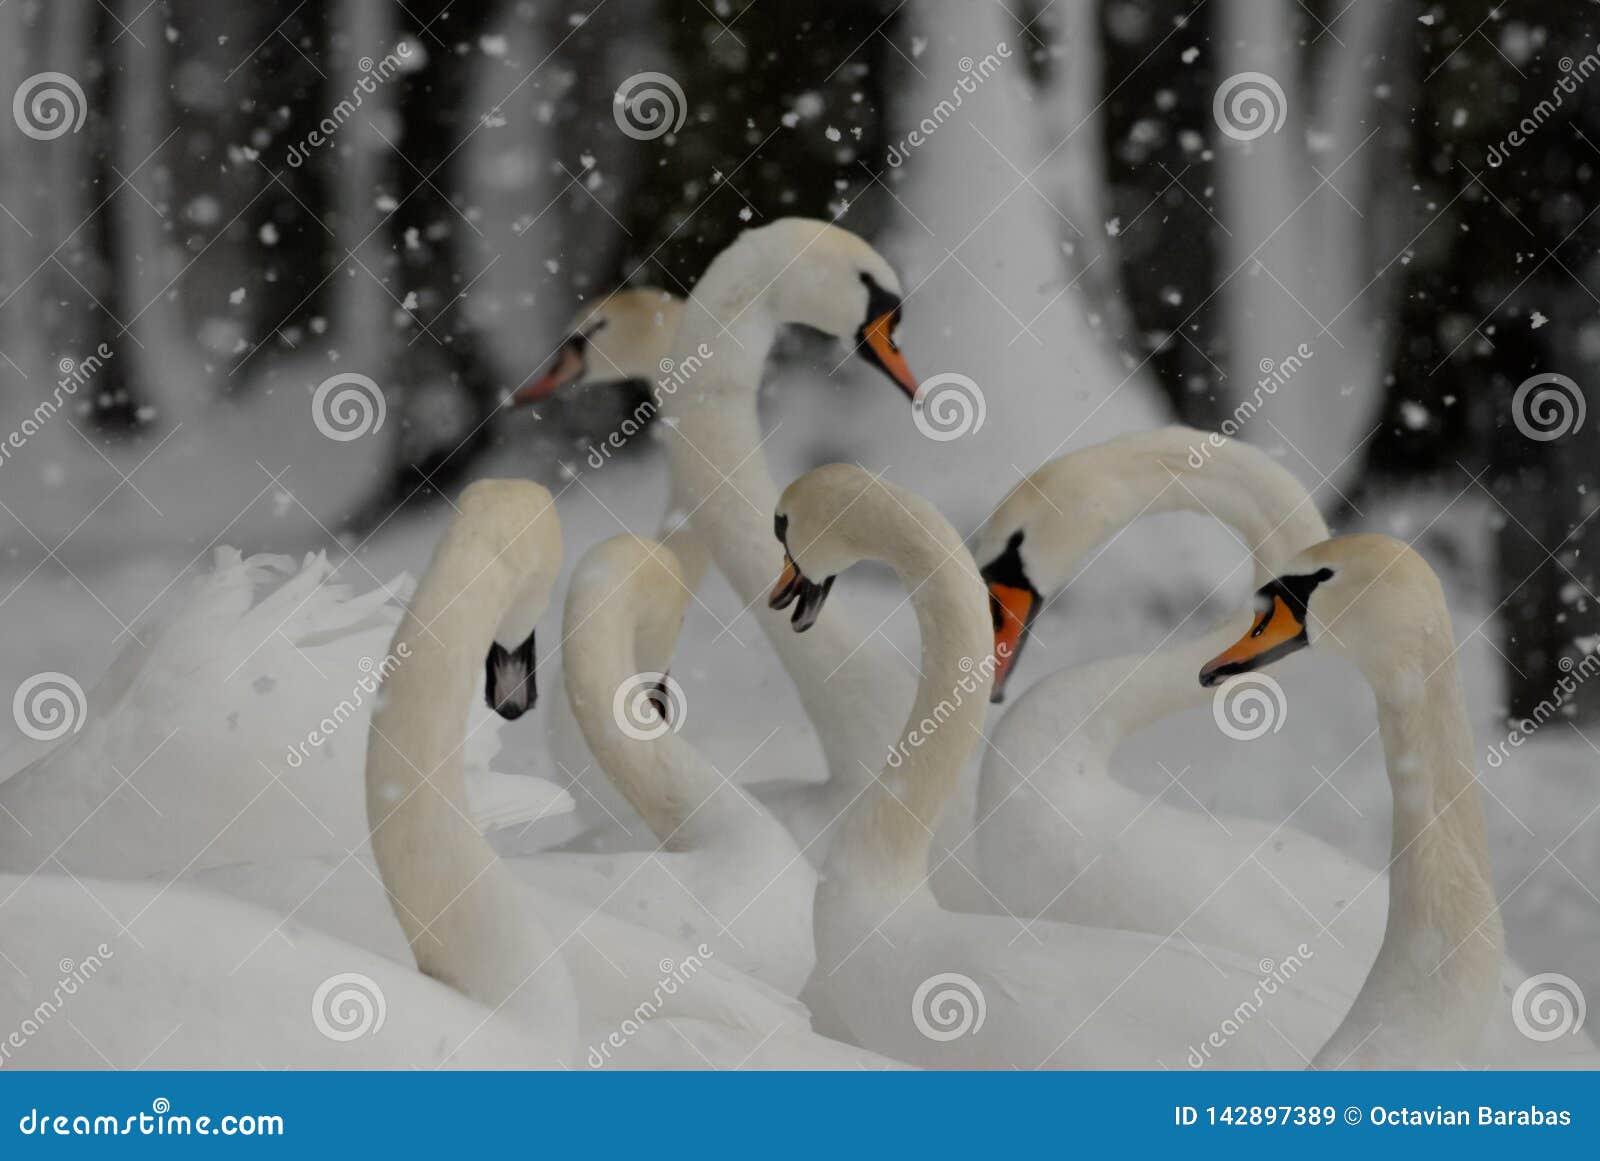 Cygnes dans la neige en hiver tout en neigeant